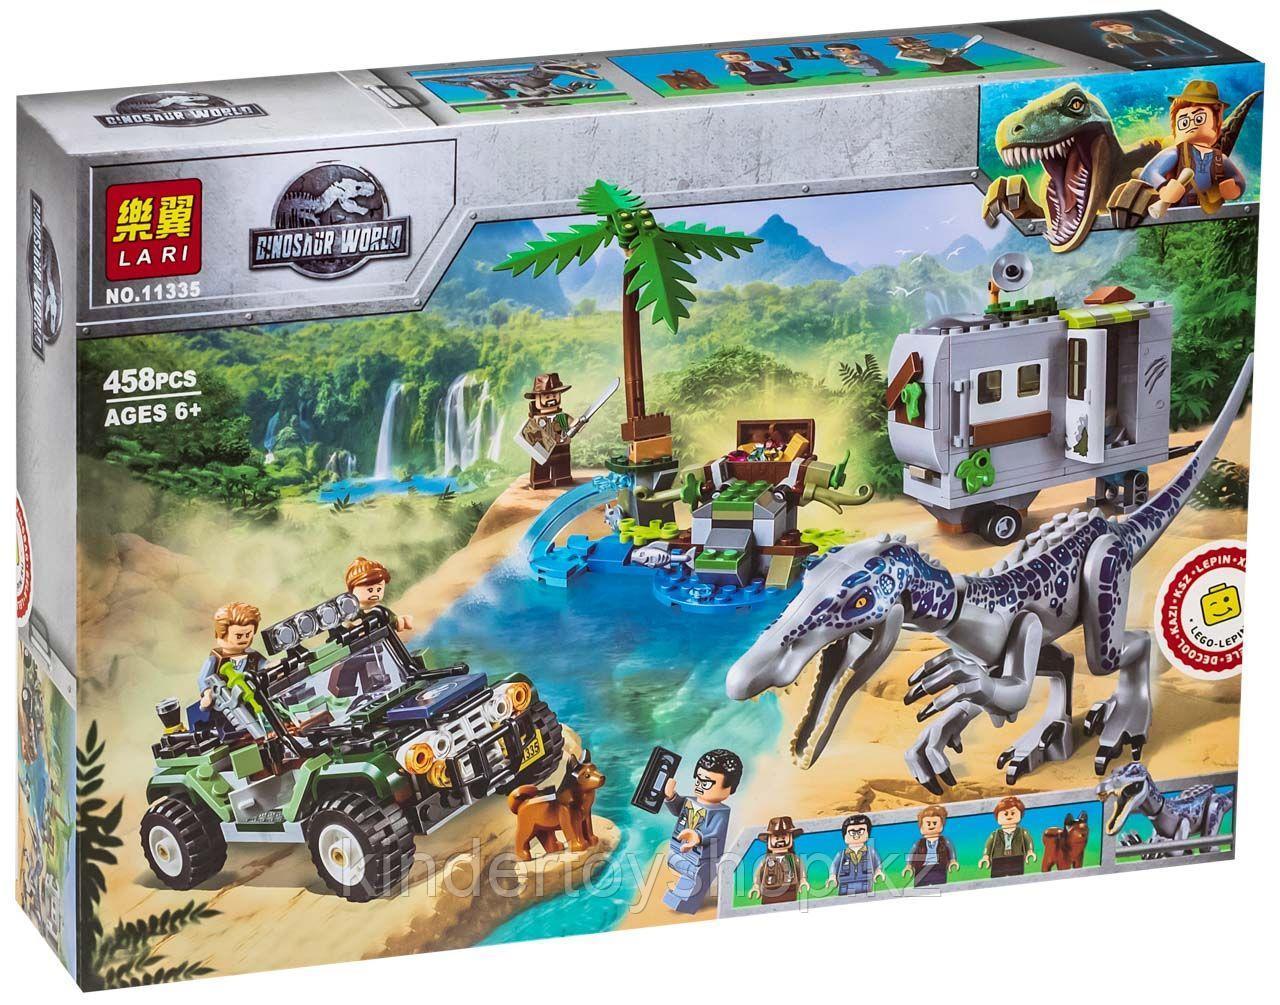 Конструктор Аналог Lego лего 75935 Lari Jurassic World 11335 Поединок с бариониксом охота за сокровищами диноз